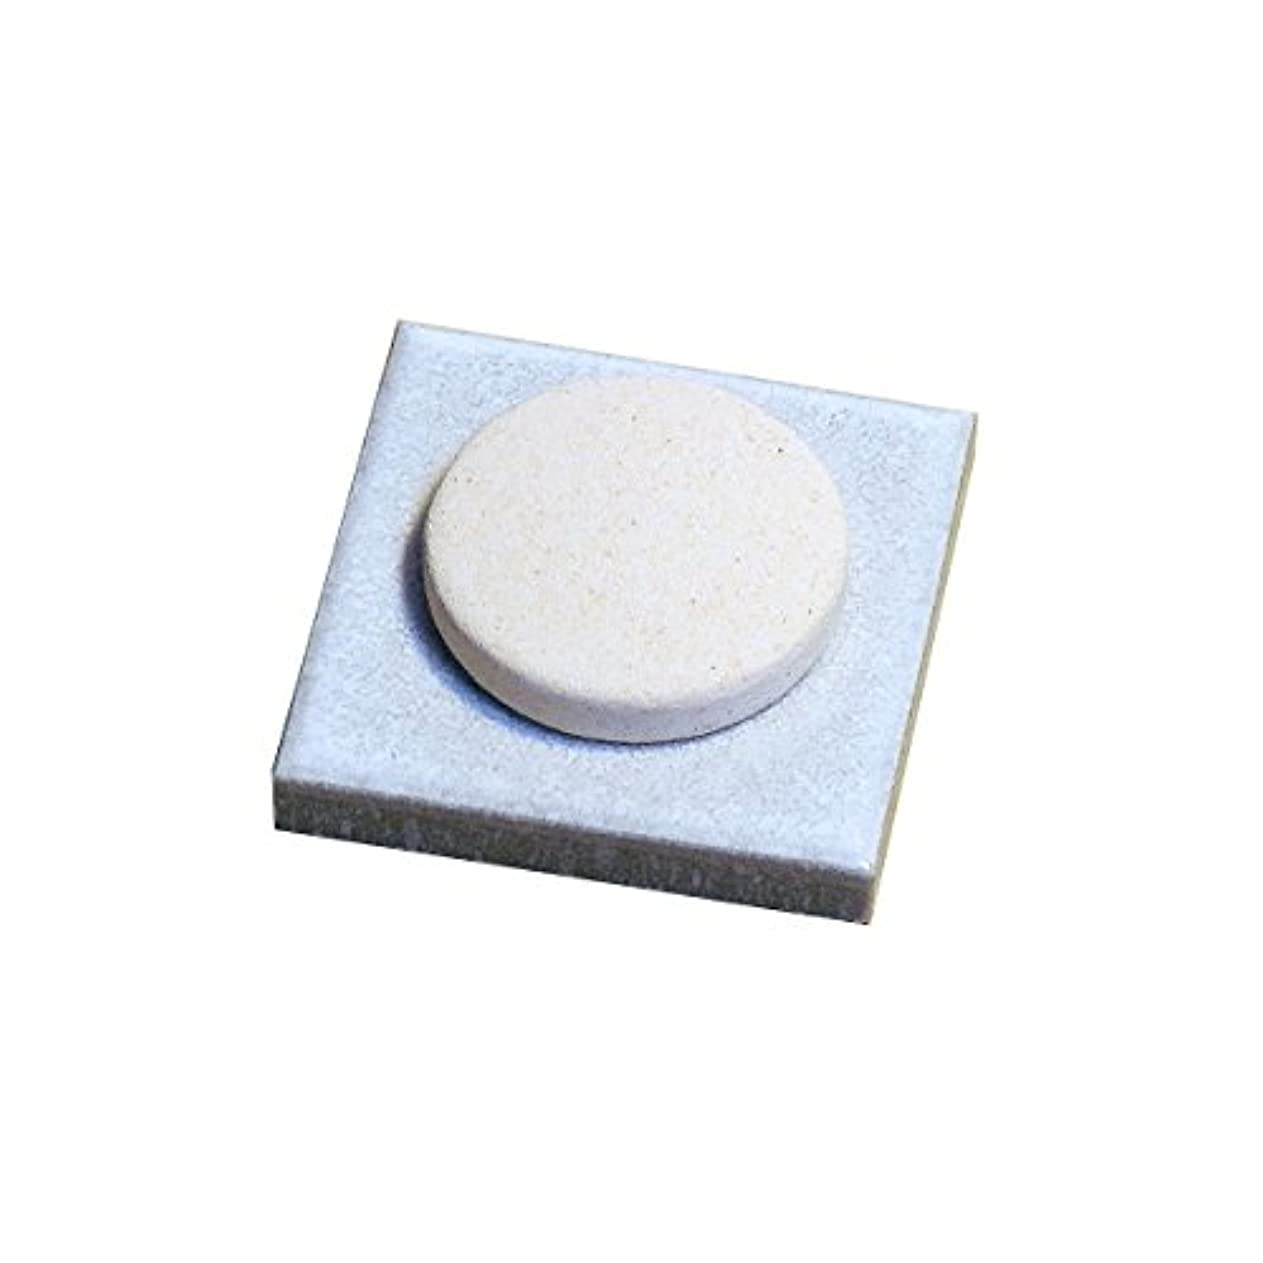 有力者噛む早める〔立風屋〕珪藻土アロマプレート美濃焼タイルセット ホワイト(白) RPAP-01003-WT